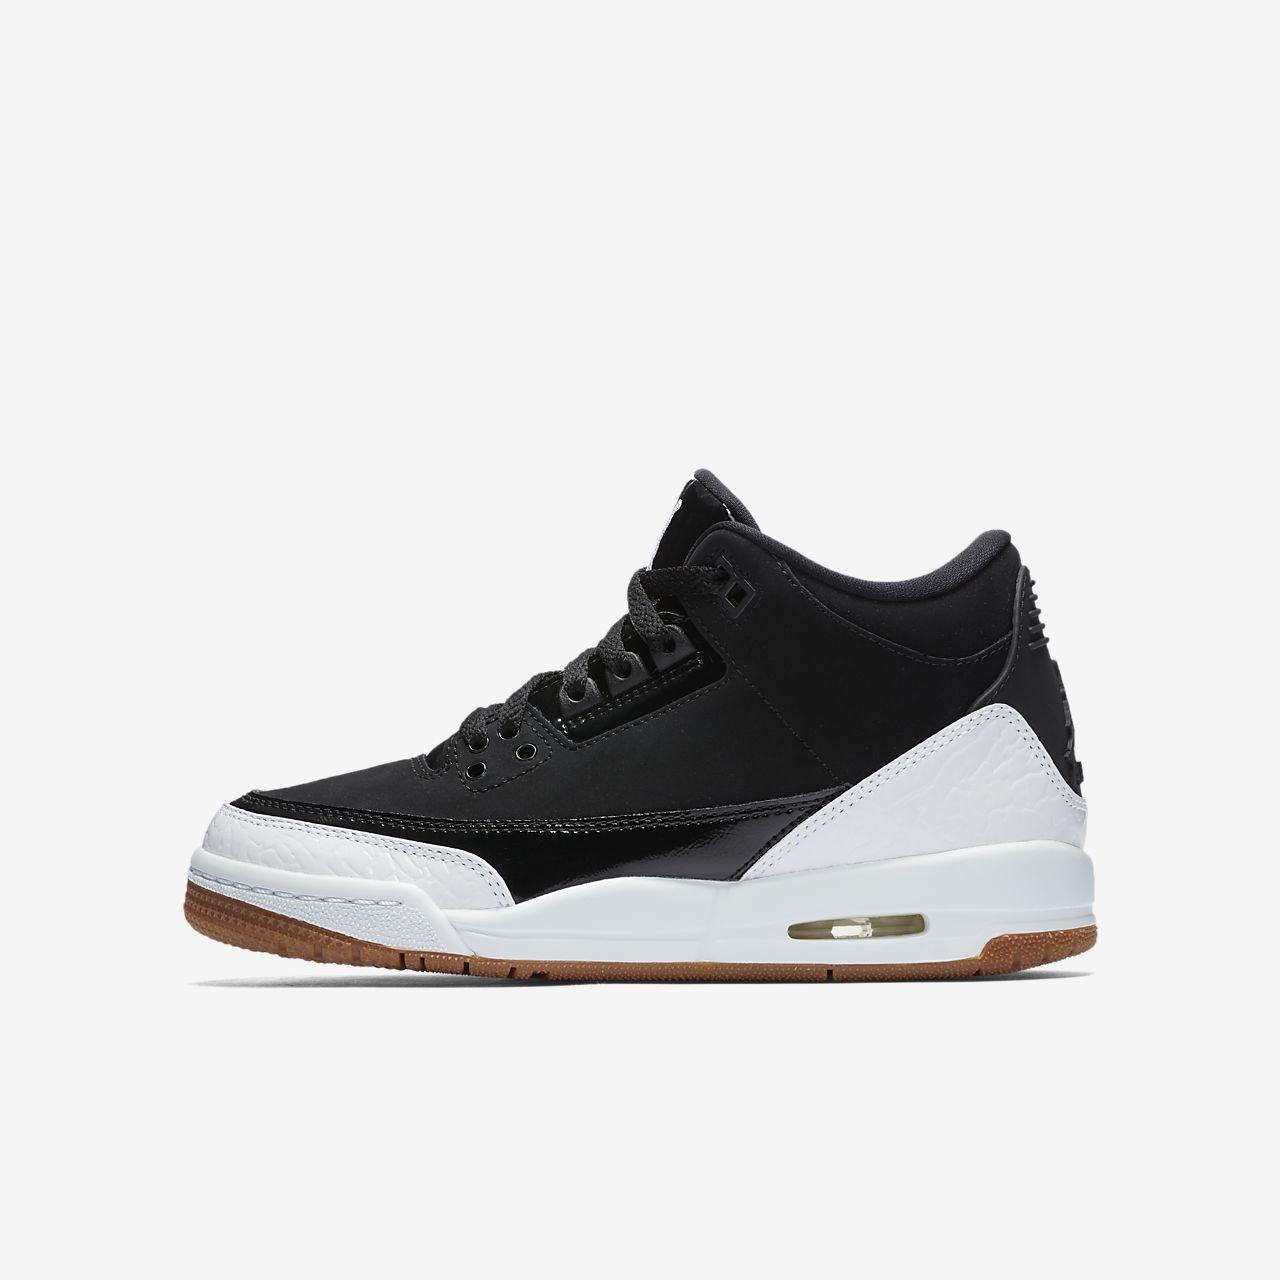 ... Air Jordan 3 Retro Older Kids' Shoe